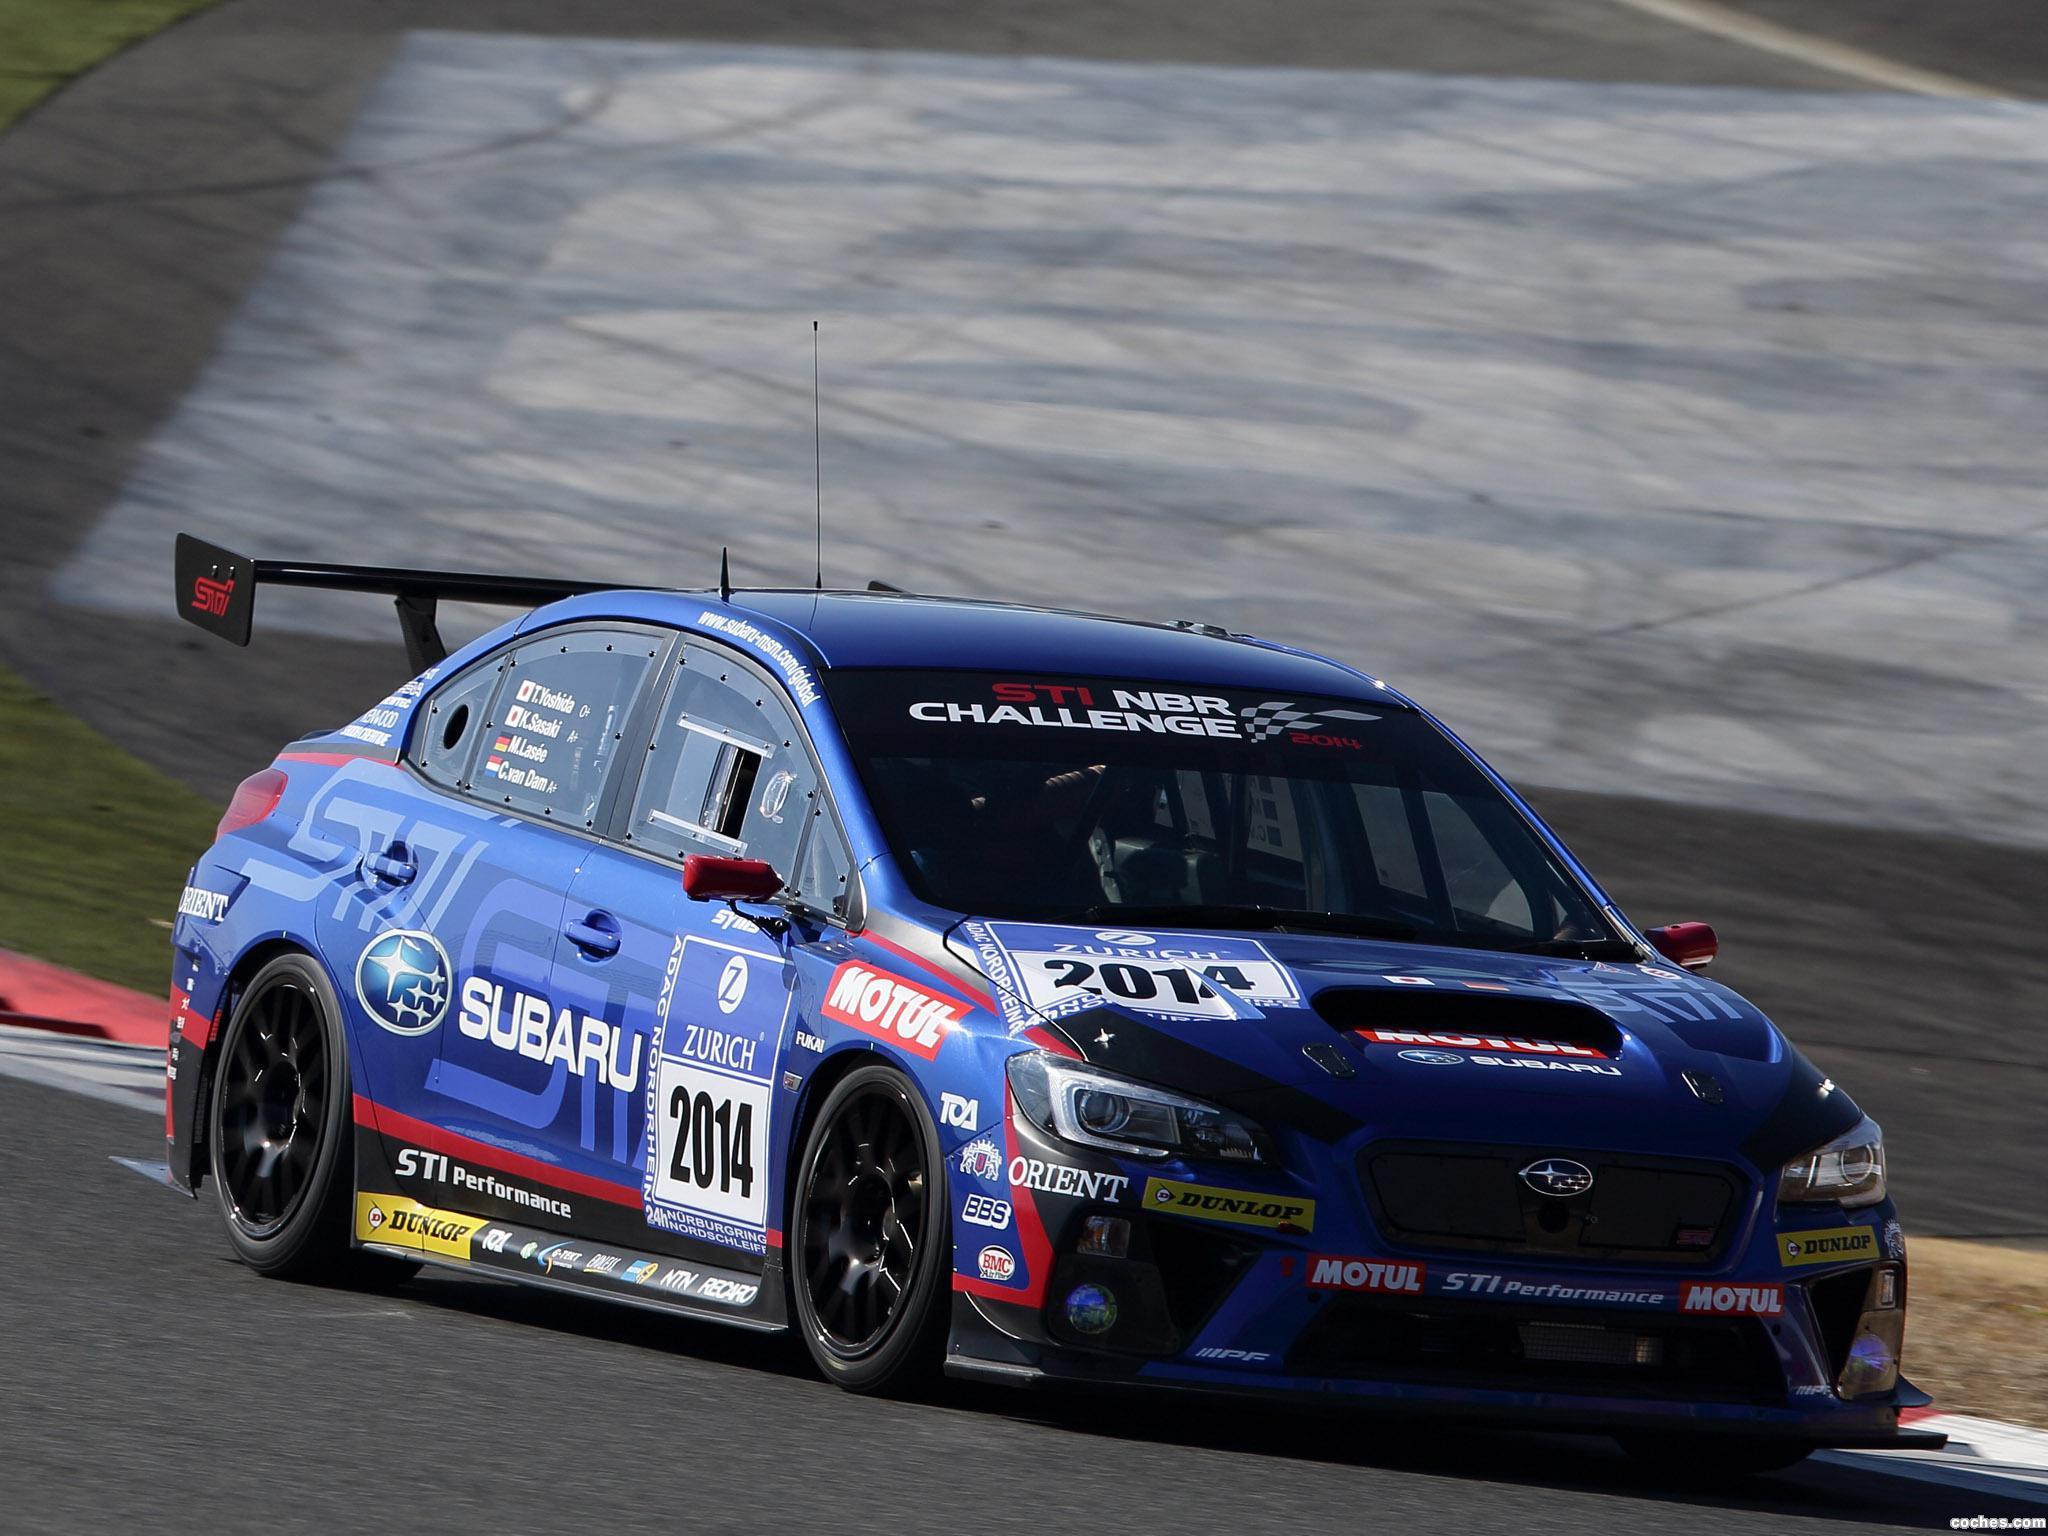 Foto 9 de Subaru WRX STI Race Car 2014